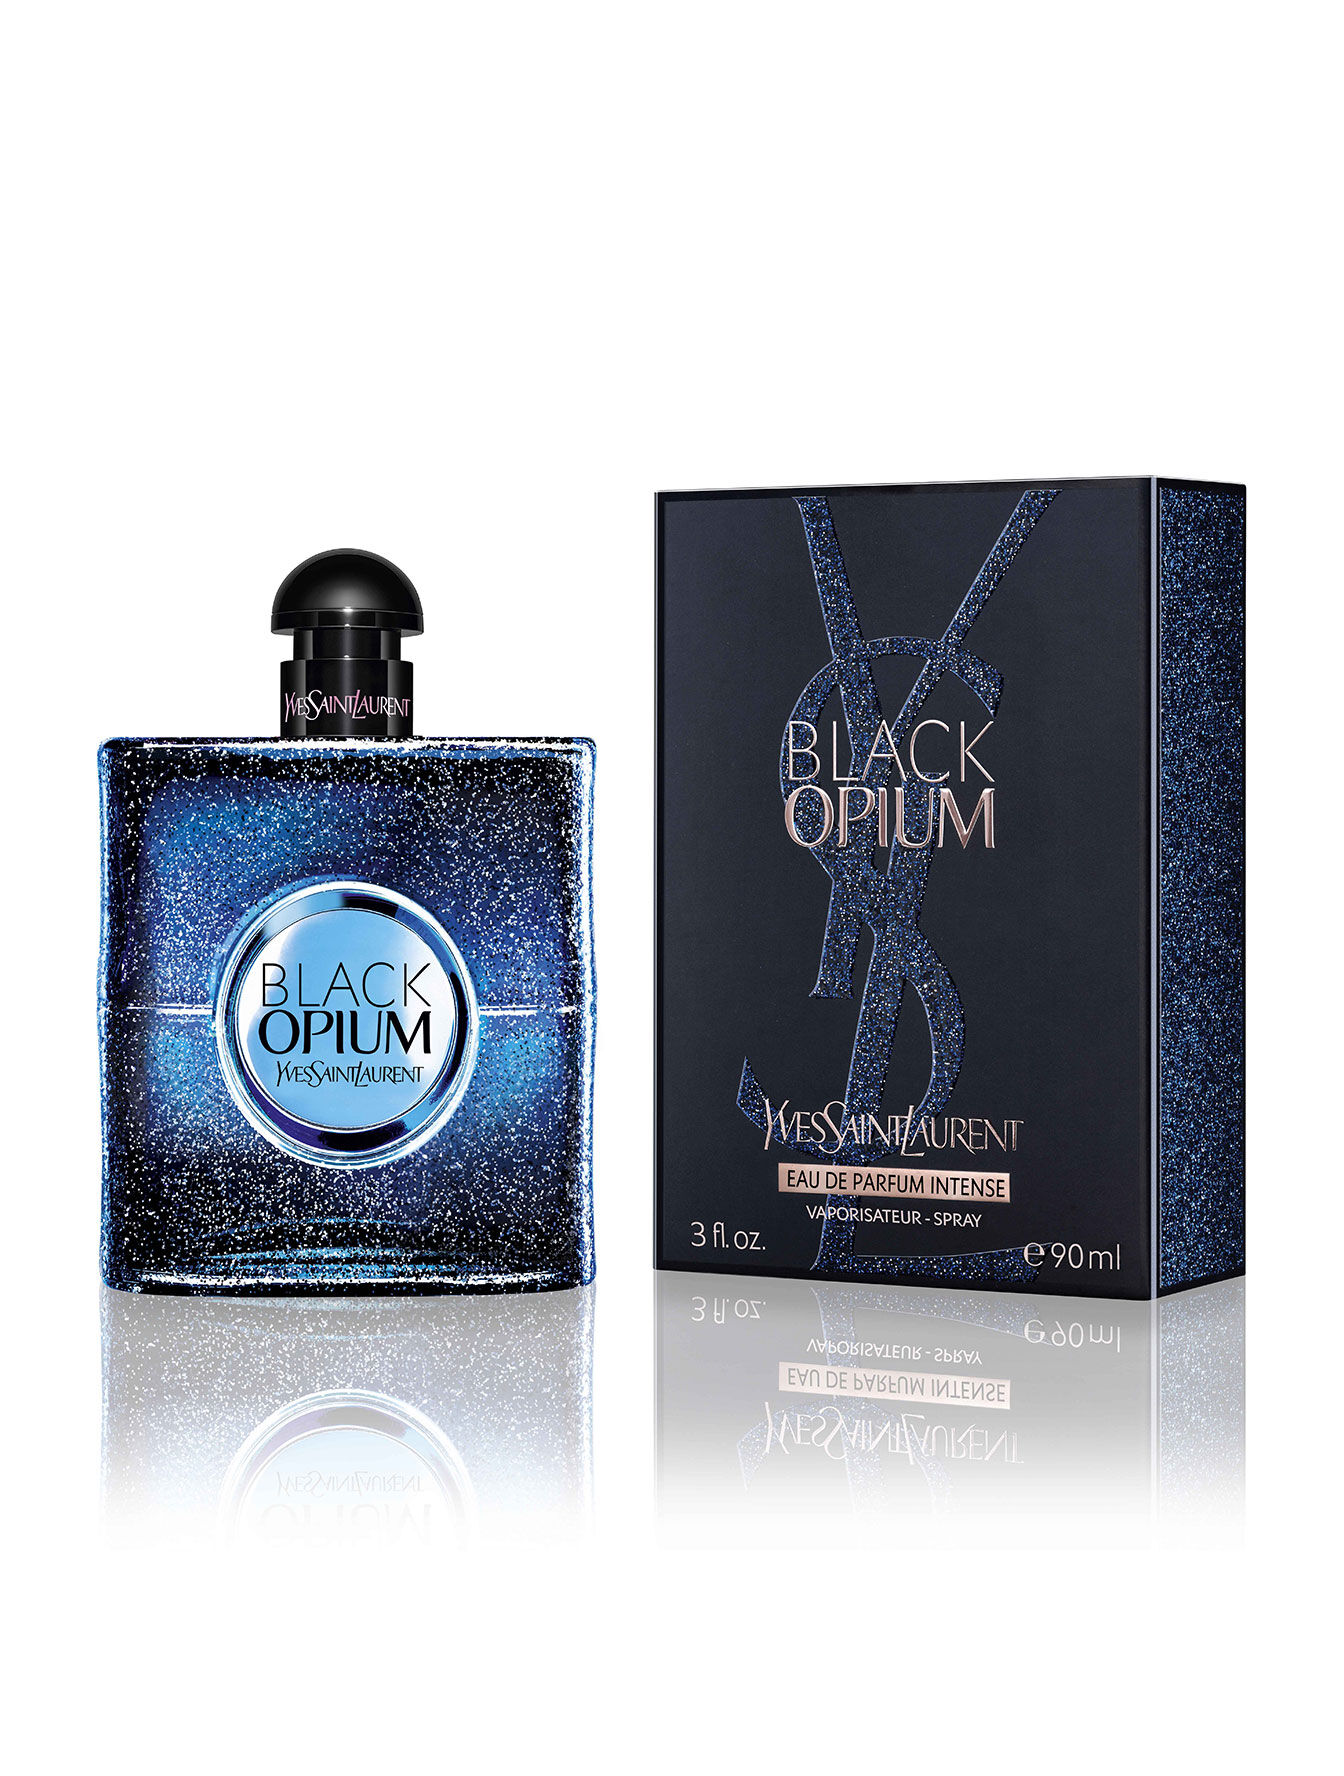 Opium De Eau Parfum Intense Black 8nwZPN0OXk